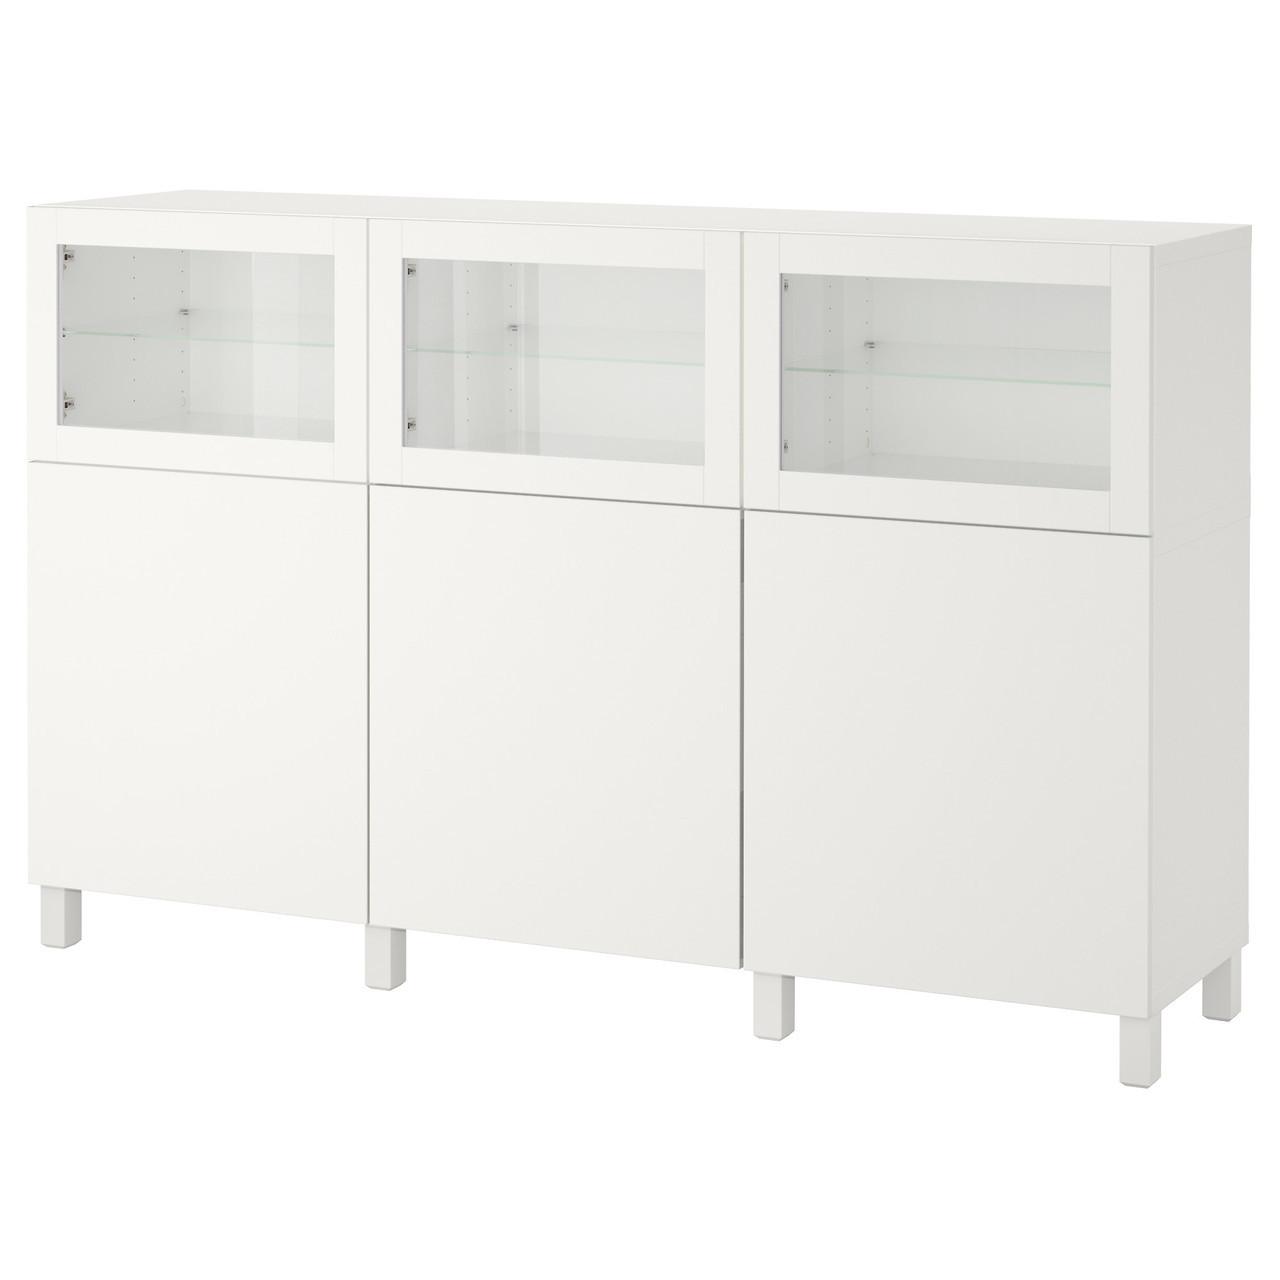 IKEA BESTA (092.080.29) Шкаф, белый Lappviken, светло-серое бесцветное стекло